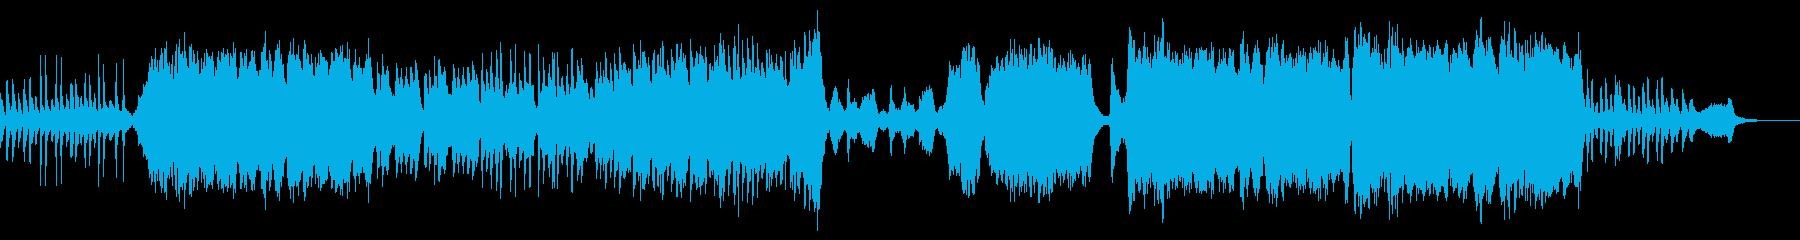 ワクワク感と浮遊感溢れるオーケストラの再生済みの波形